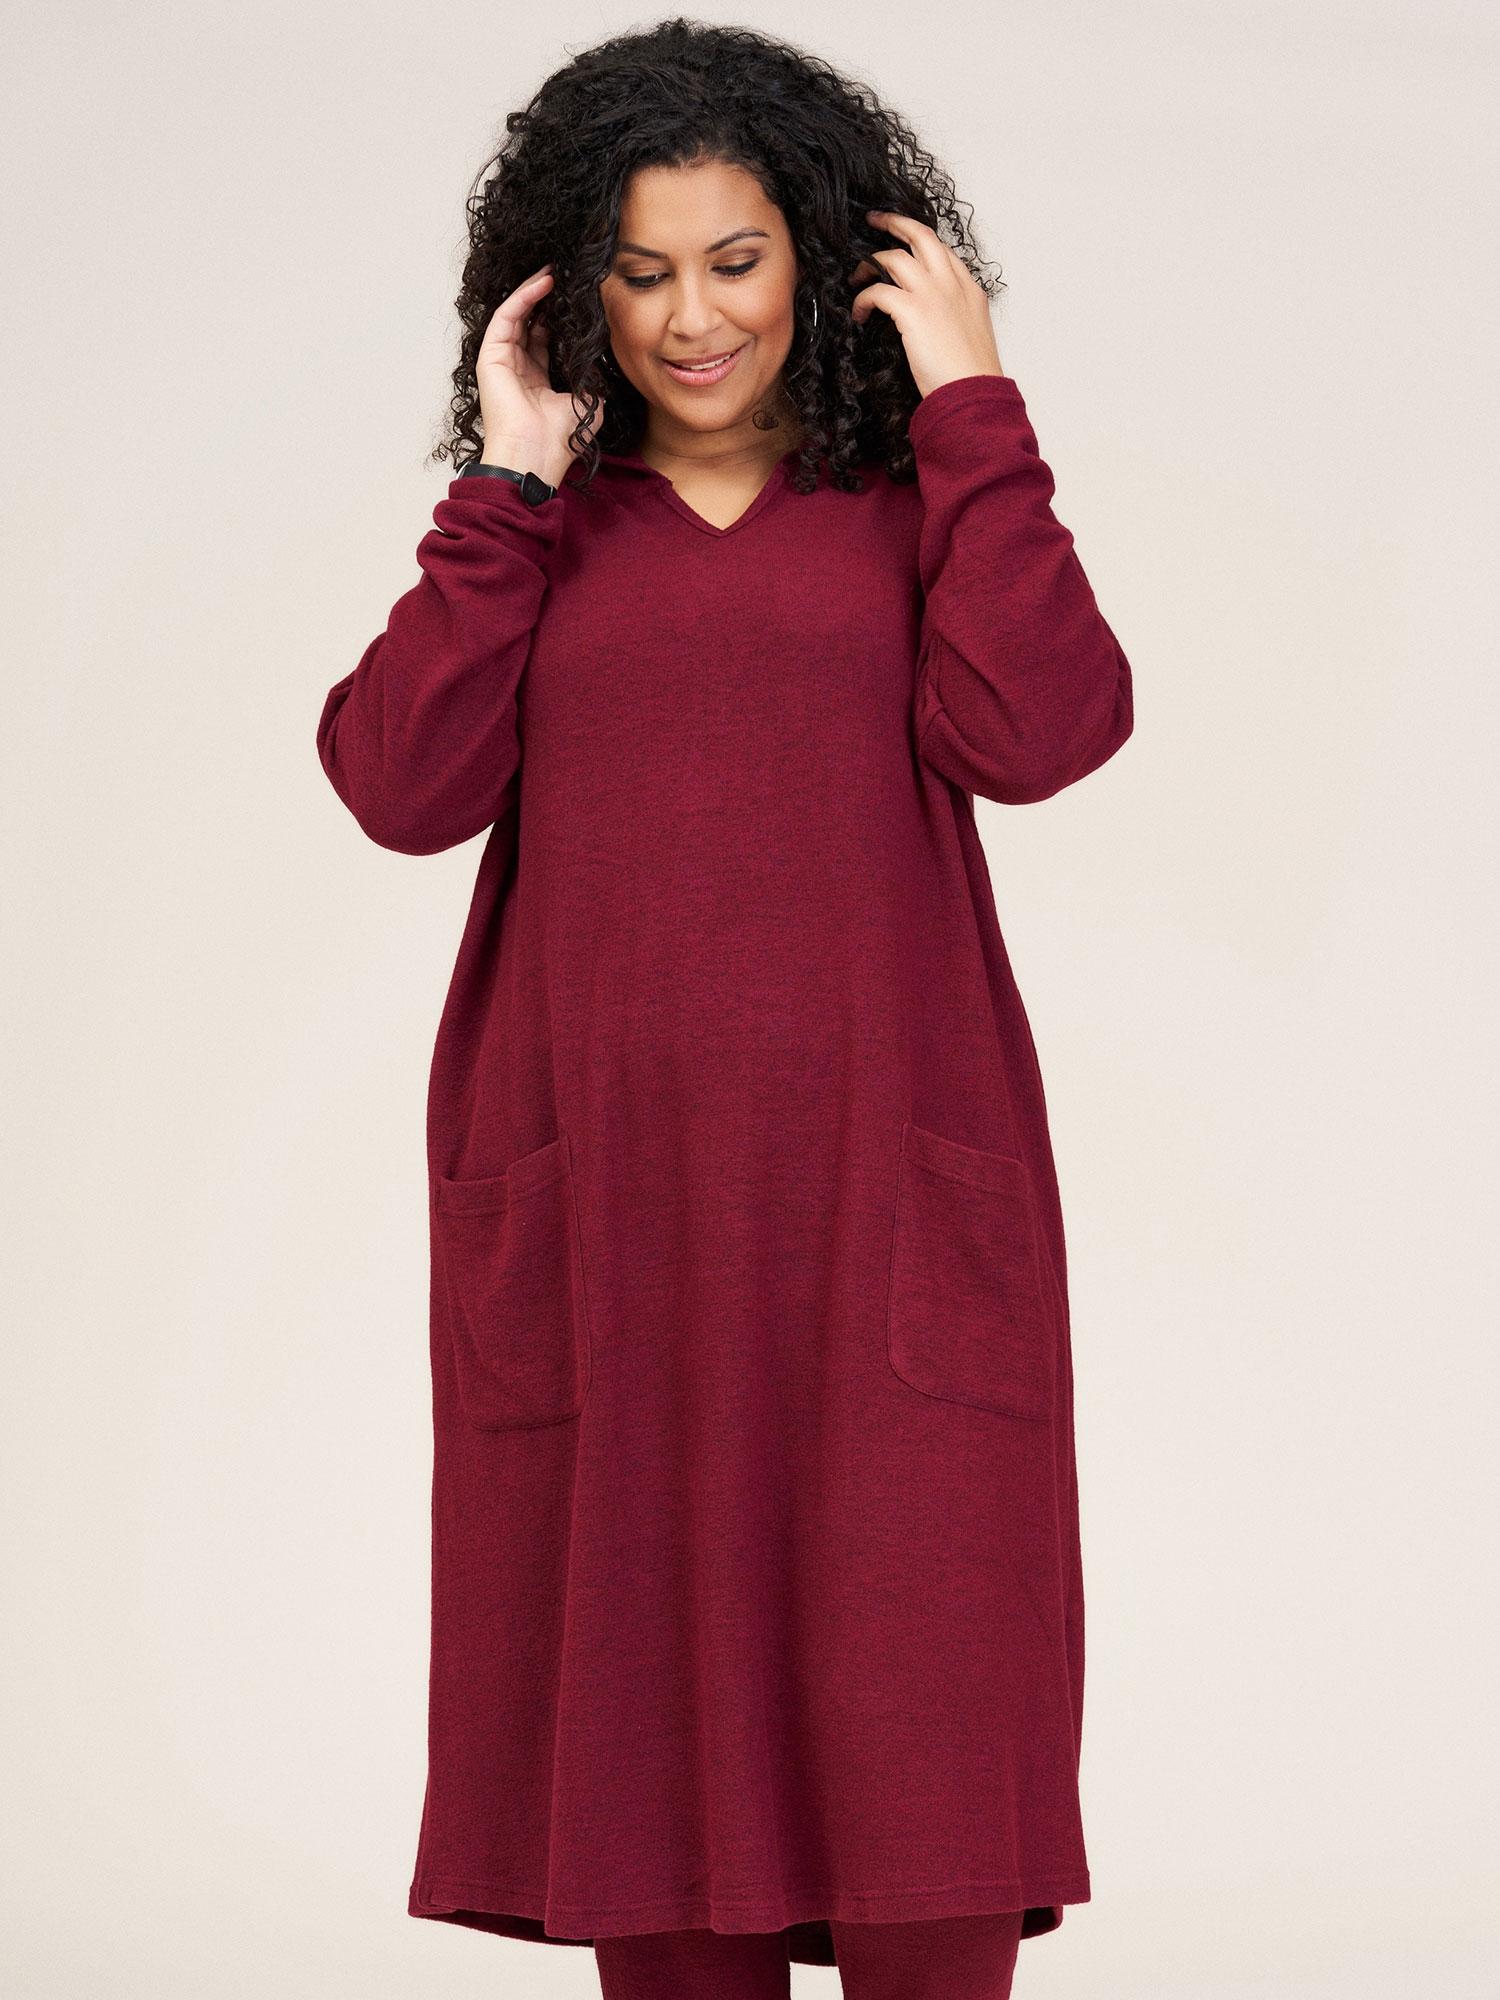 Studio Lang blød strik kjole med hætte og lommer, 42-44 / S